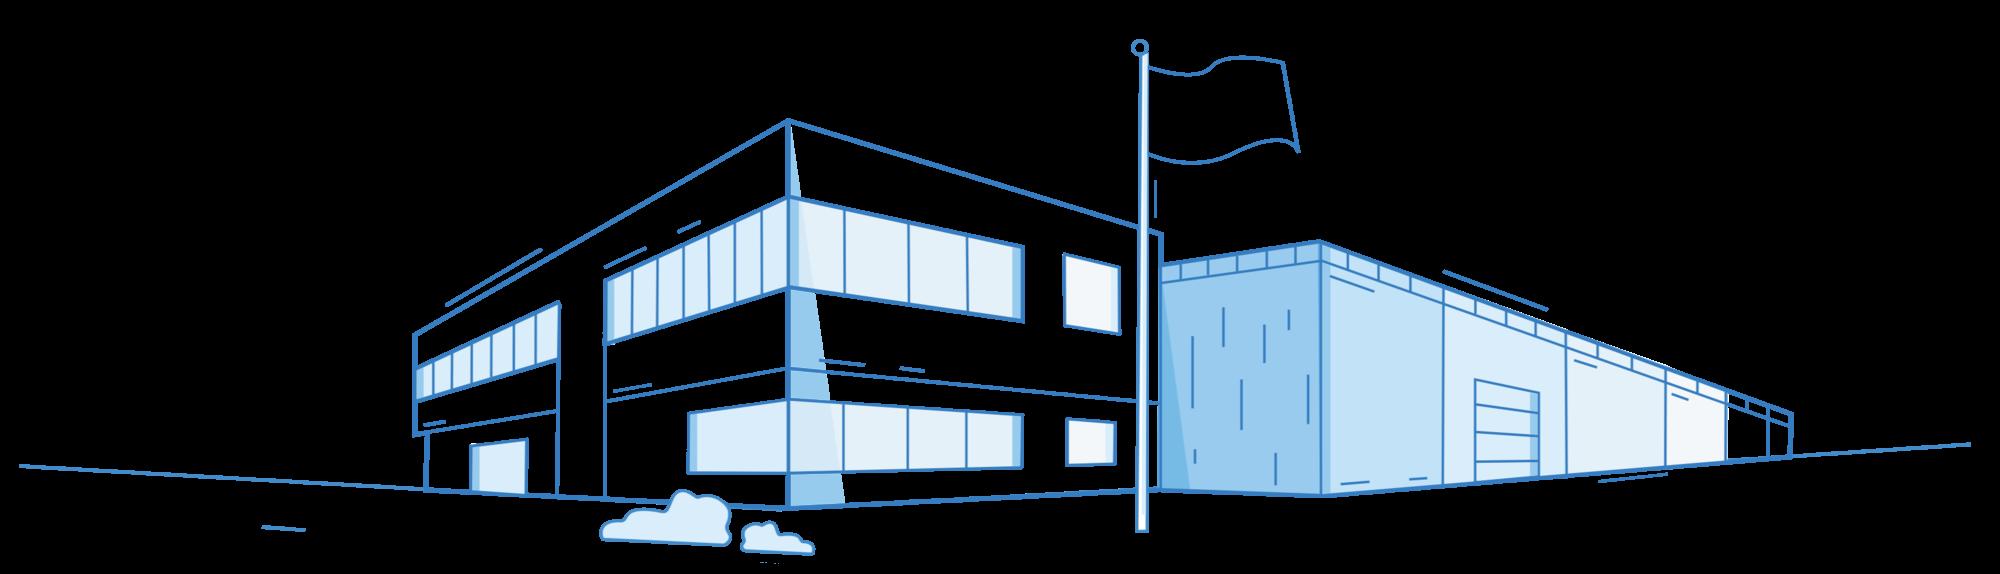 Wizualizacja - hala produkcyjna - Luxon LED